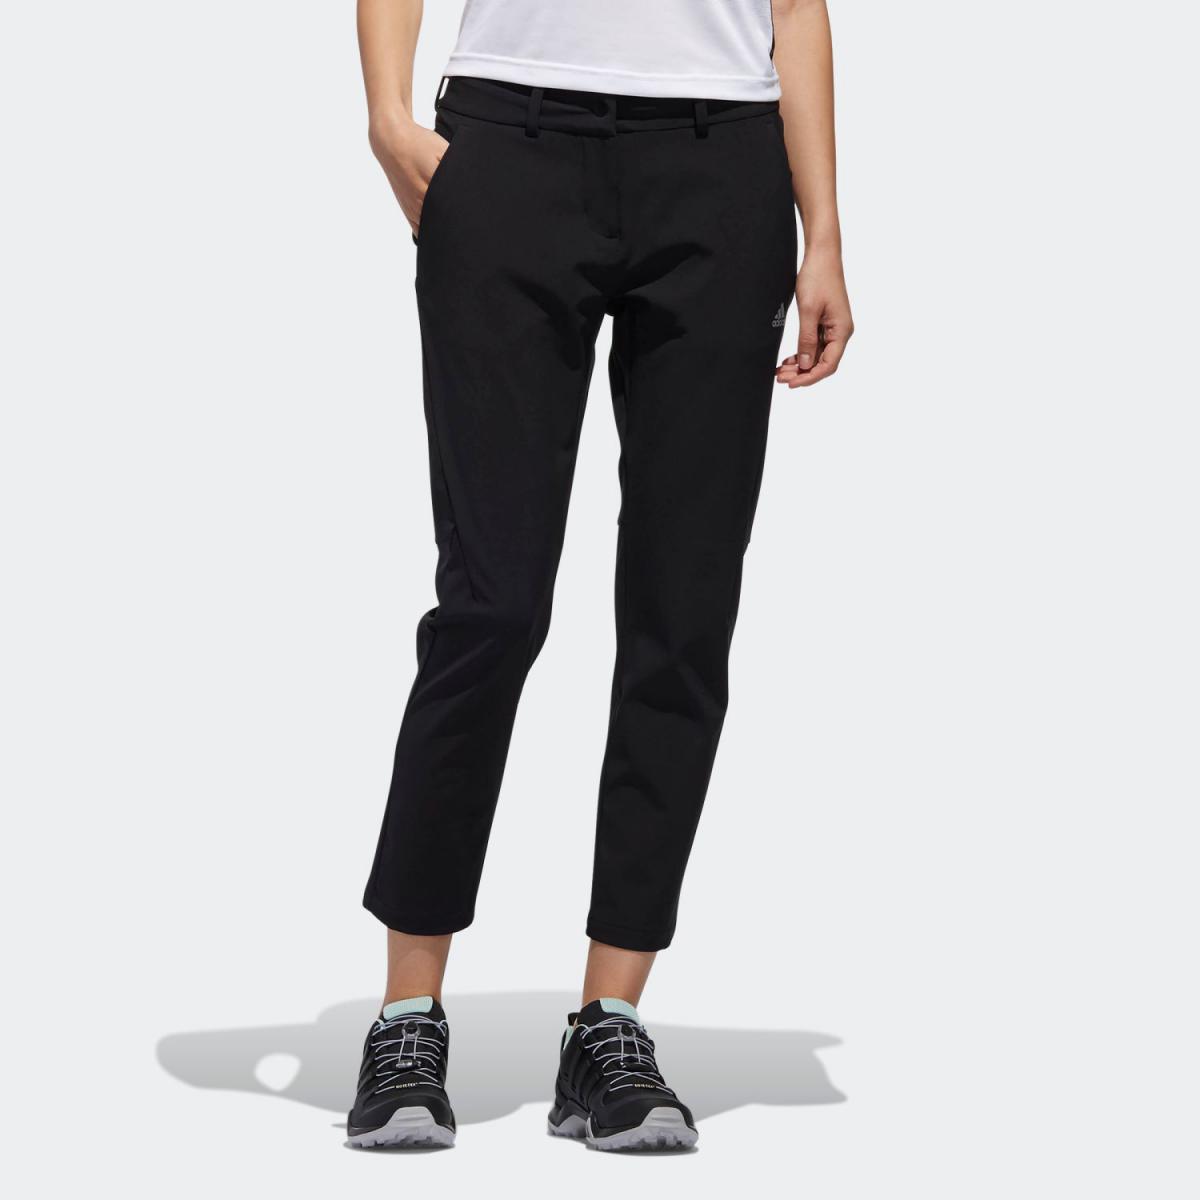 【公式】アディダス adidas WOMENS PANTS Q4 レディース DM1896 ウェア ポリエステル ポリウレタン プレーンウィーブ